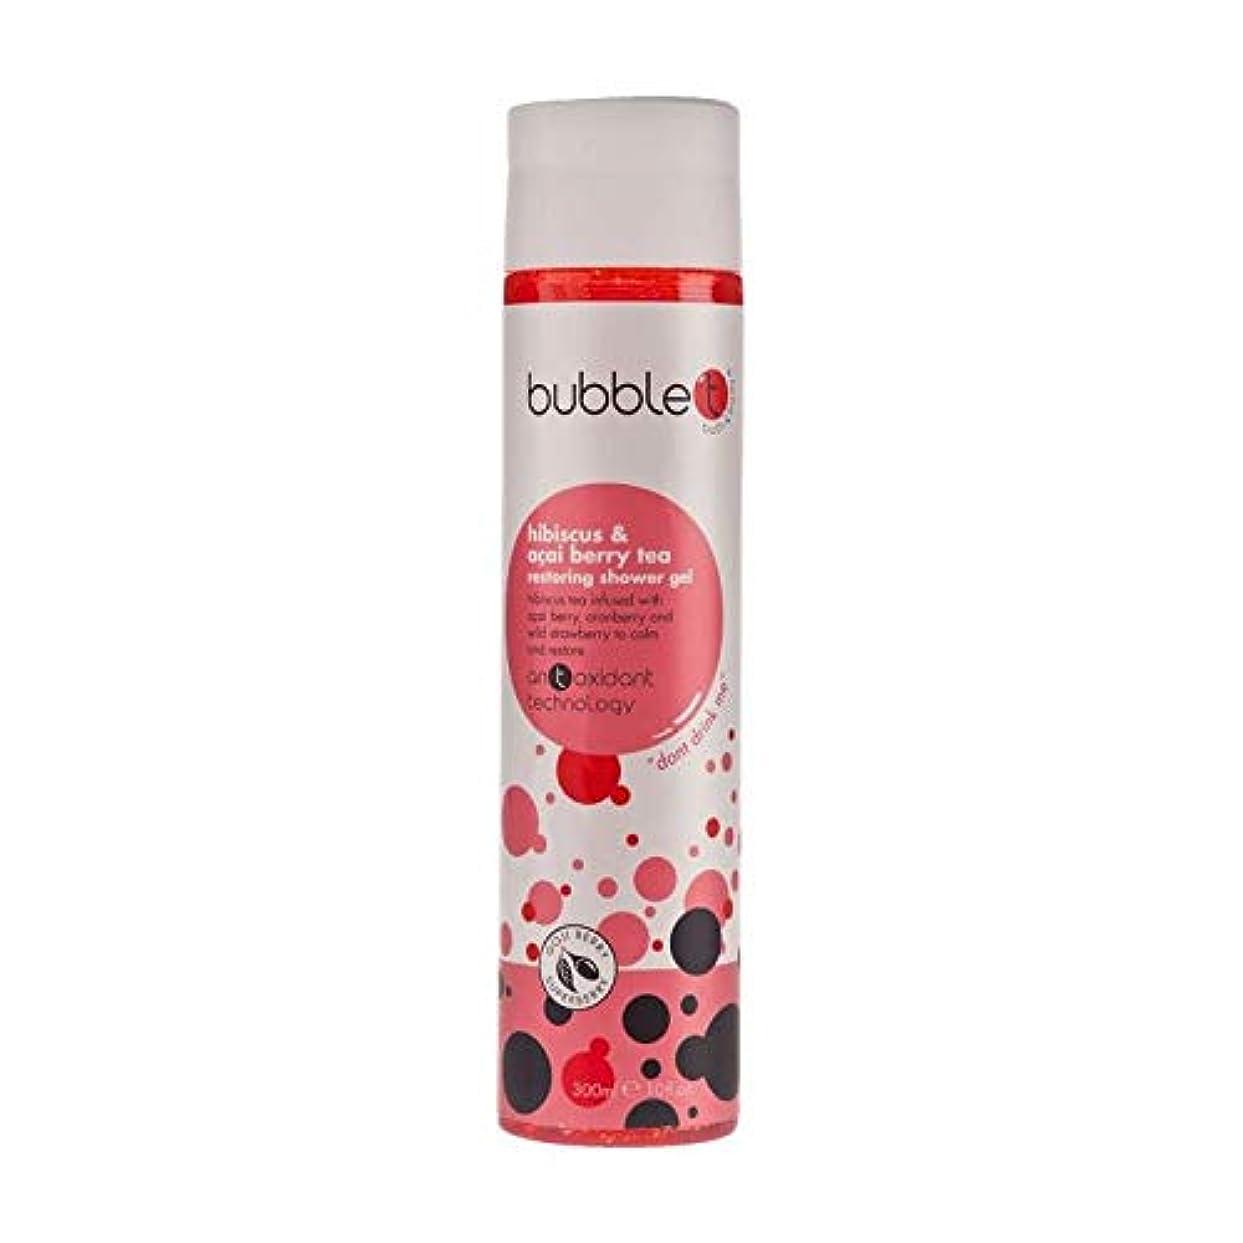 宙返り一口バイオレット[Bubble T] バブルトンシャワージェルHisbiscus&アサイベリー茶300ミリリットルを復元 - Bubble T Restoring Shower Gel Hisbiscus & Acai Berry Tea...